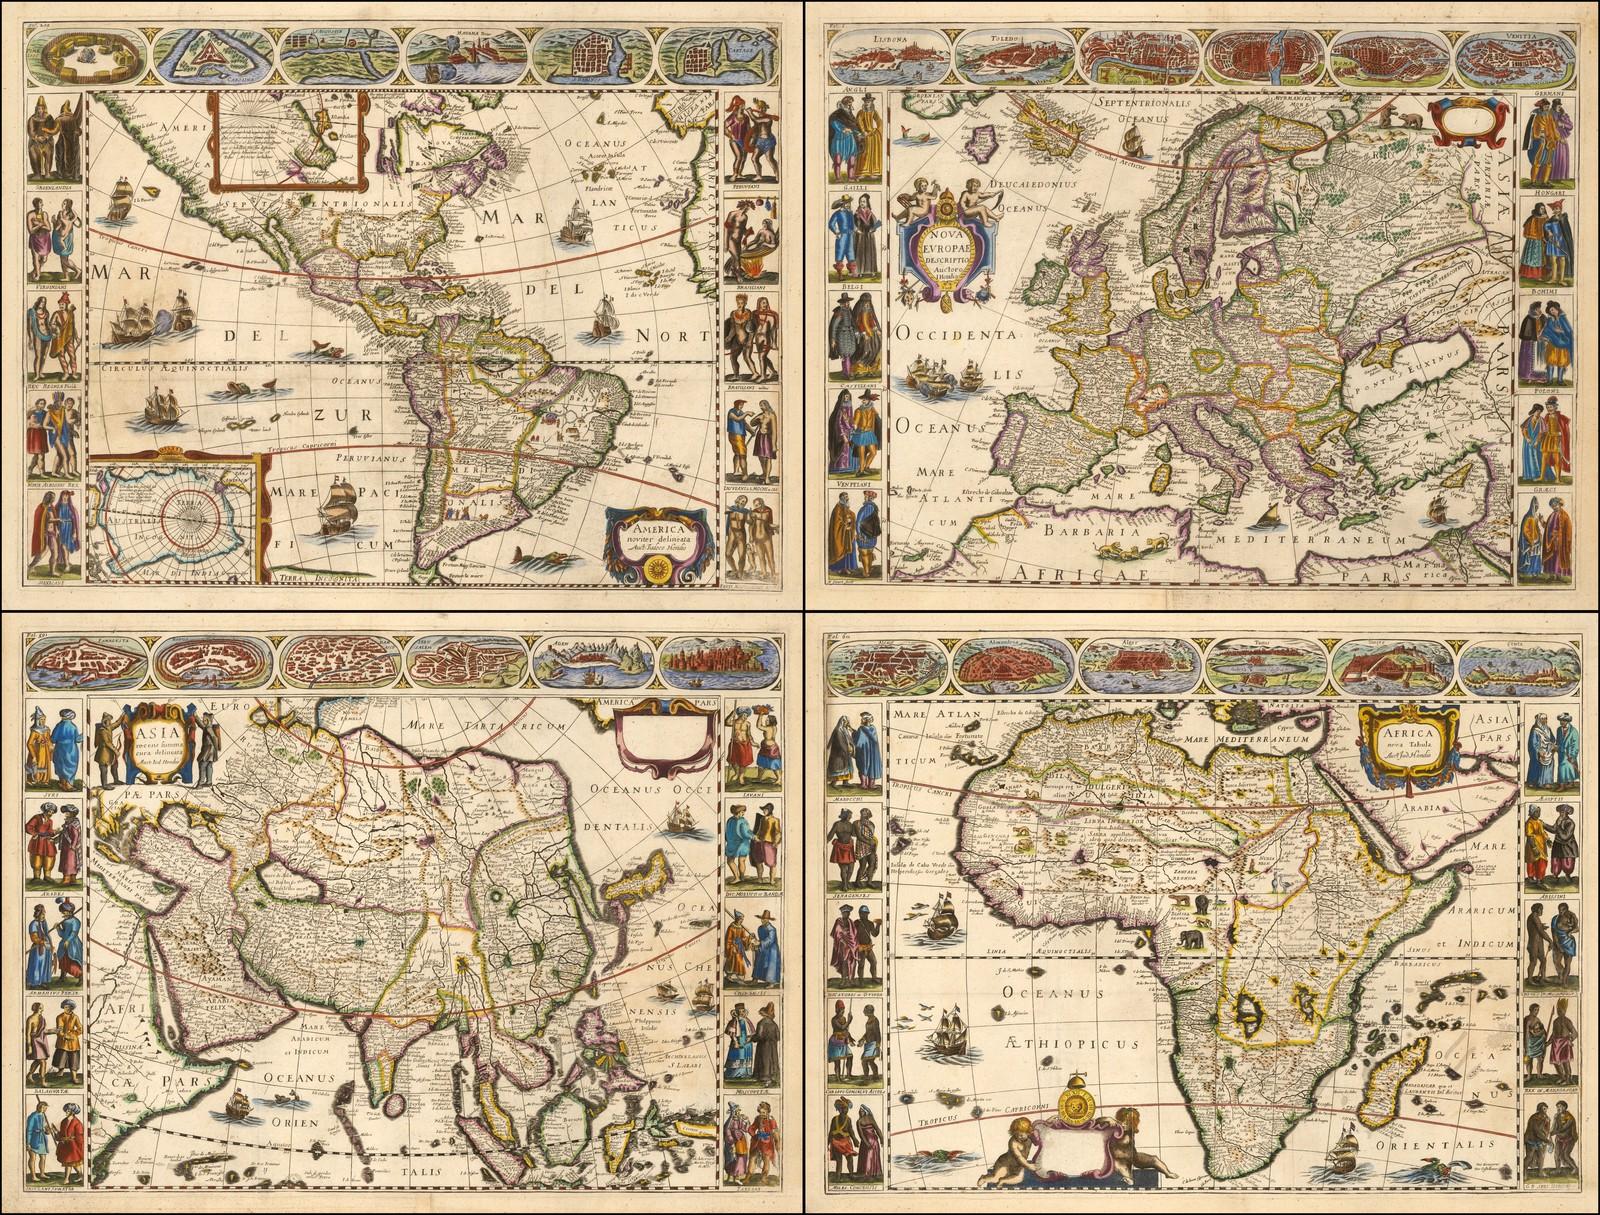 Прекрасный набор панельных карт 4 континентов из книги Пьера Д'Авити, опубликованной в Париже в 1659 году